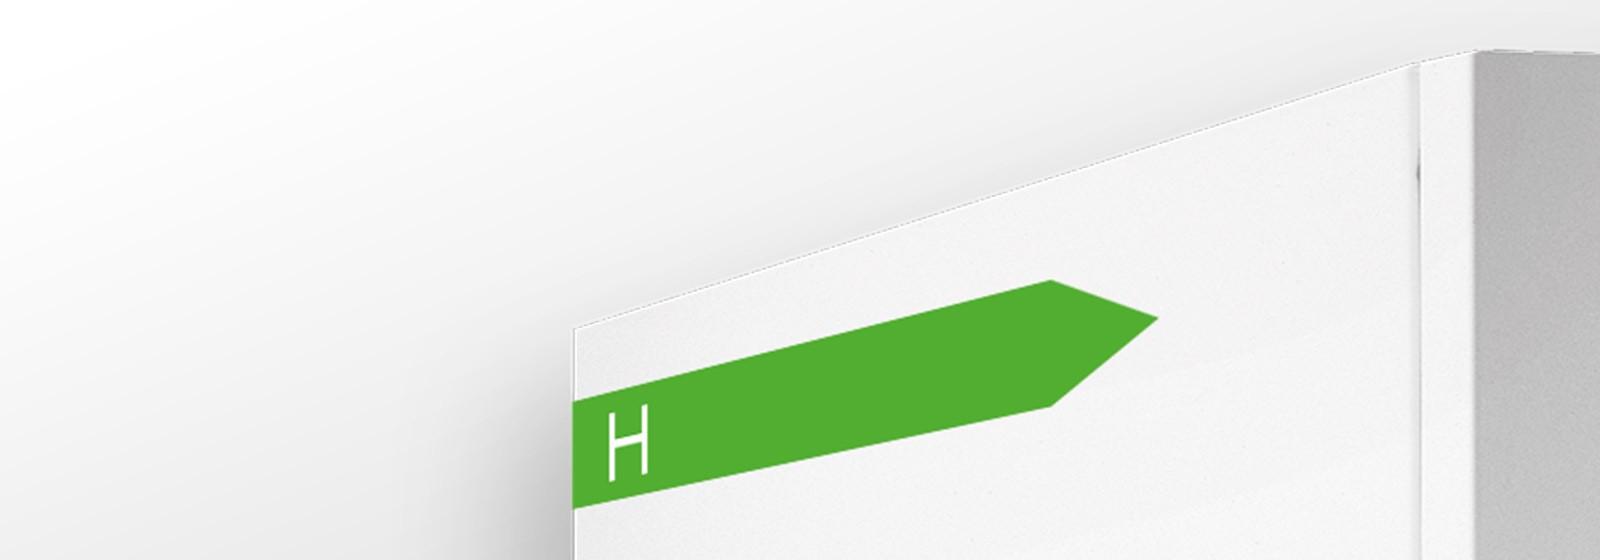 Etykiety dla ogrzewaczy pomieszczeń, ogrzewaczy wielofunkcyjnych i zestawów